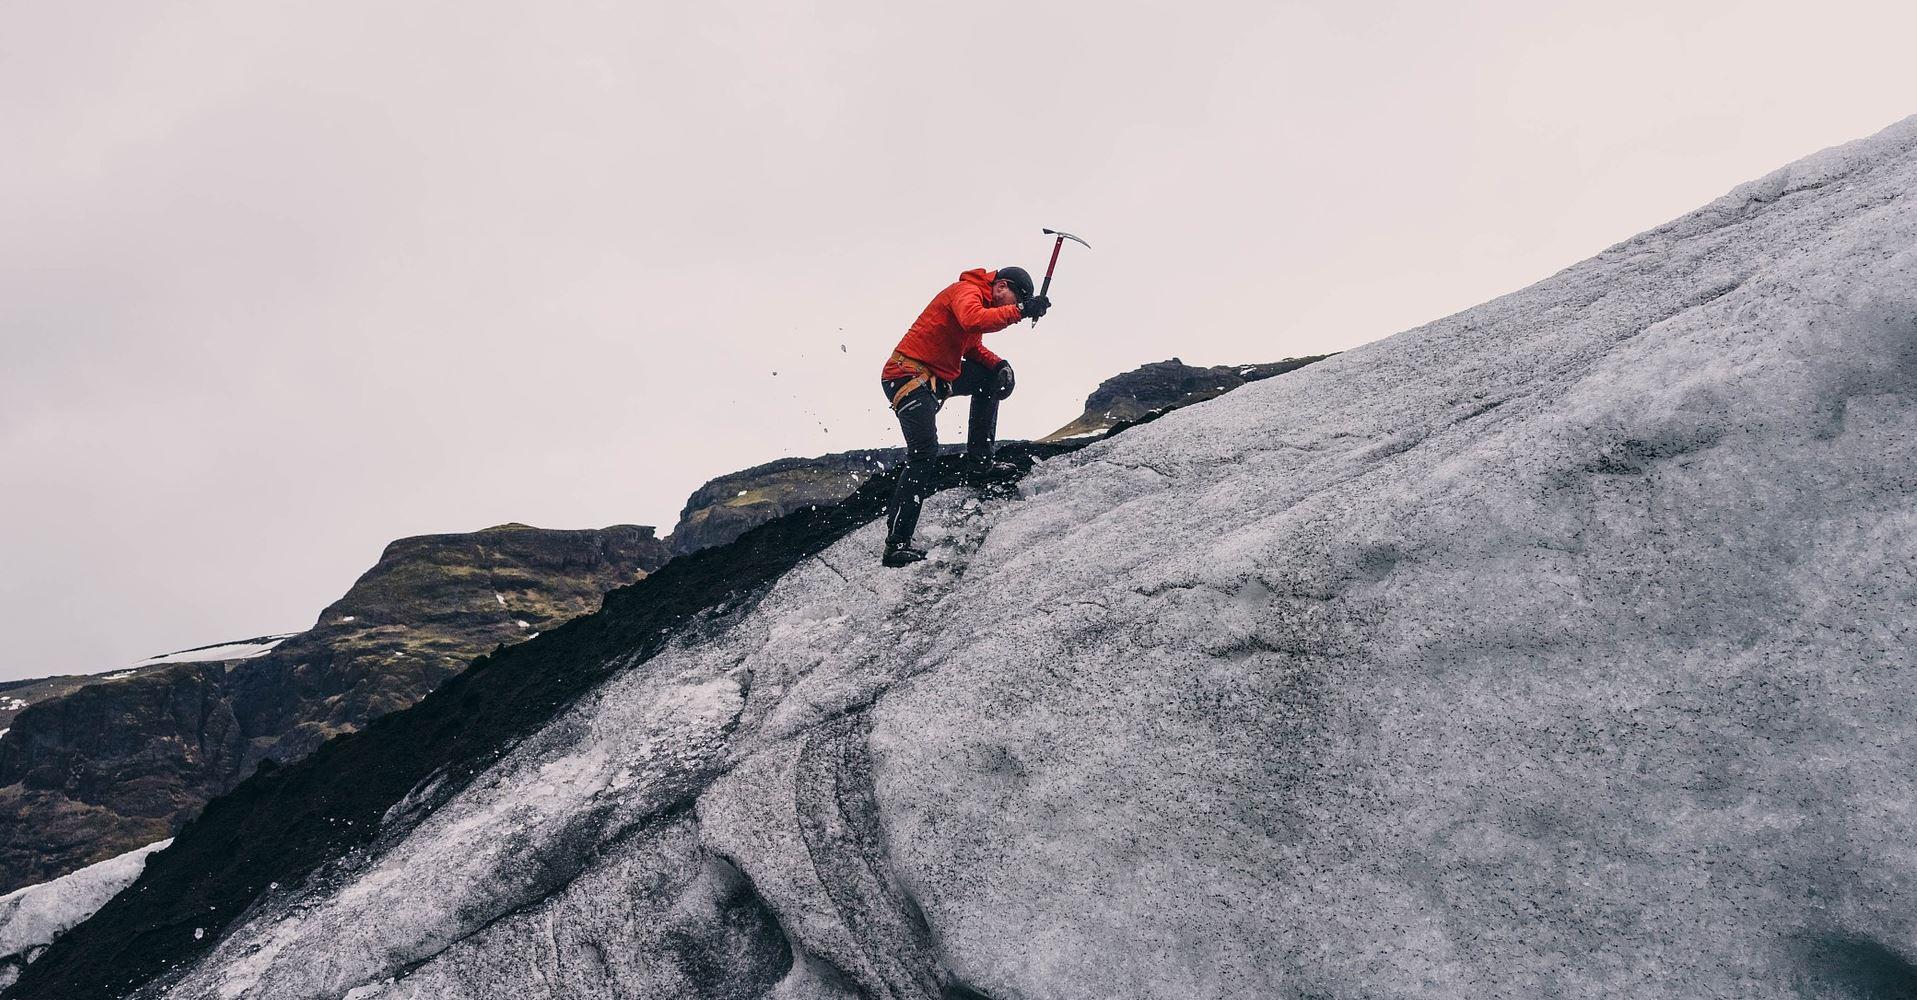 marc-miro-transformacion--liderazgo-desarrollo-personal-coaching-metas-exito-blog-8.jpg